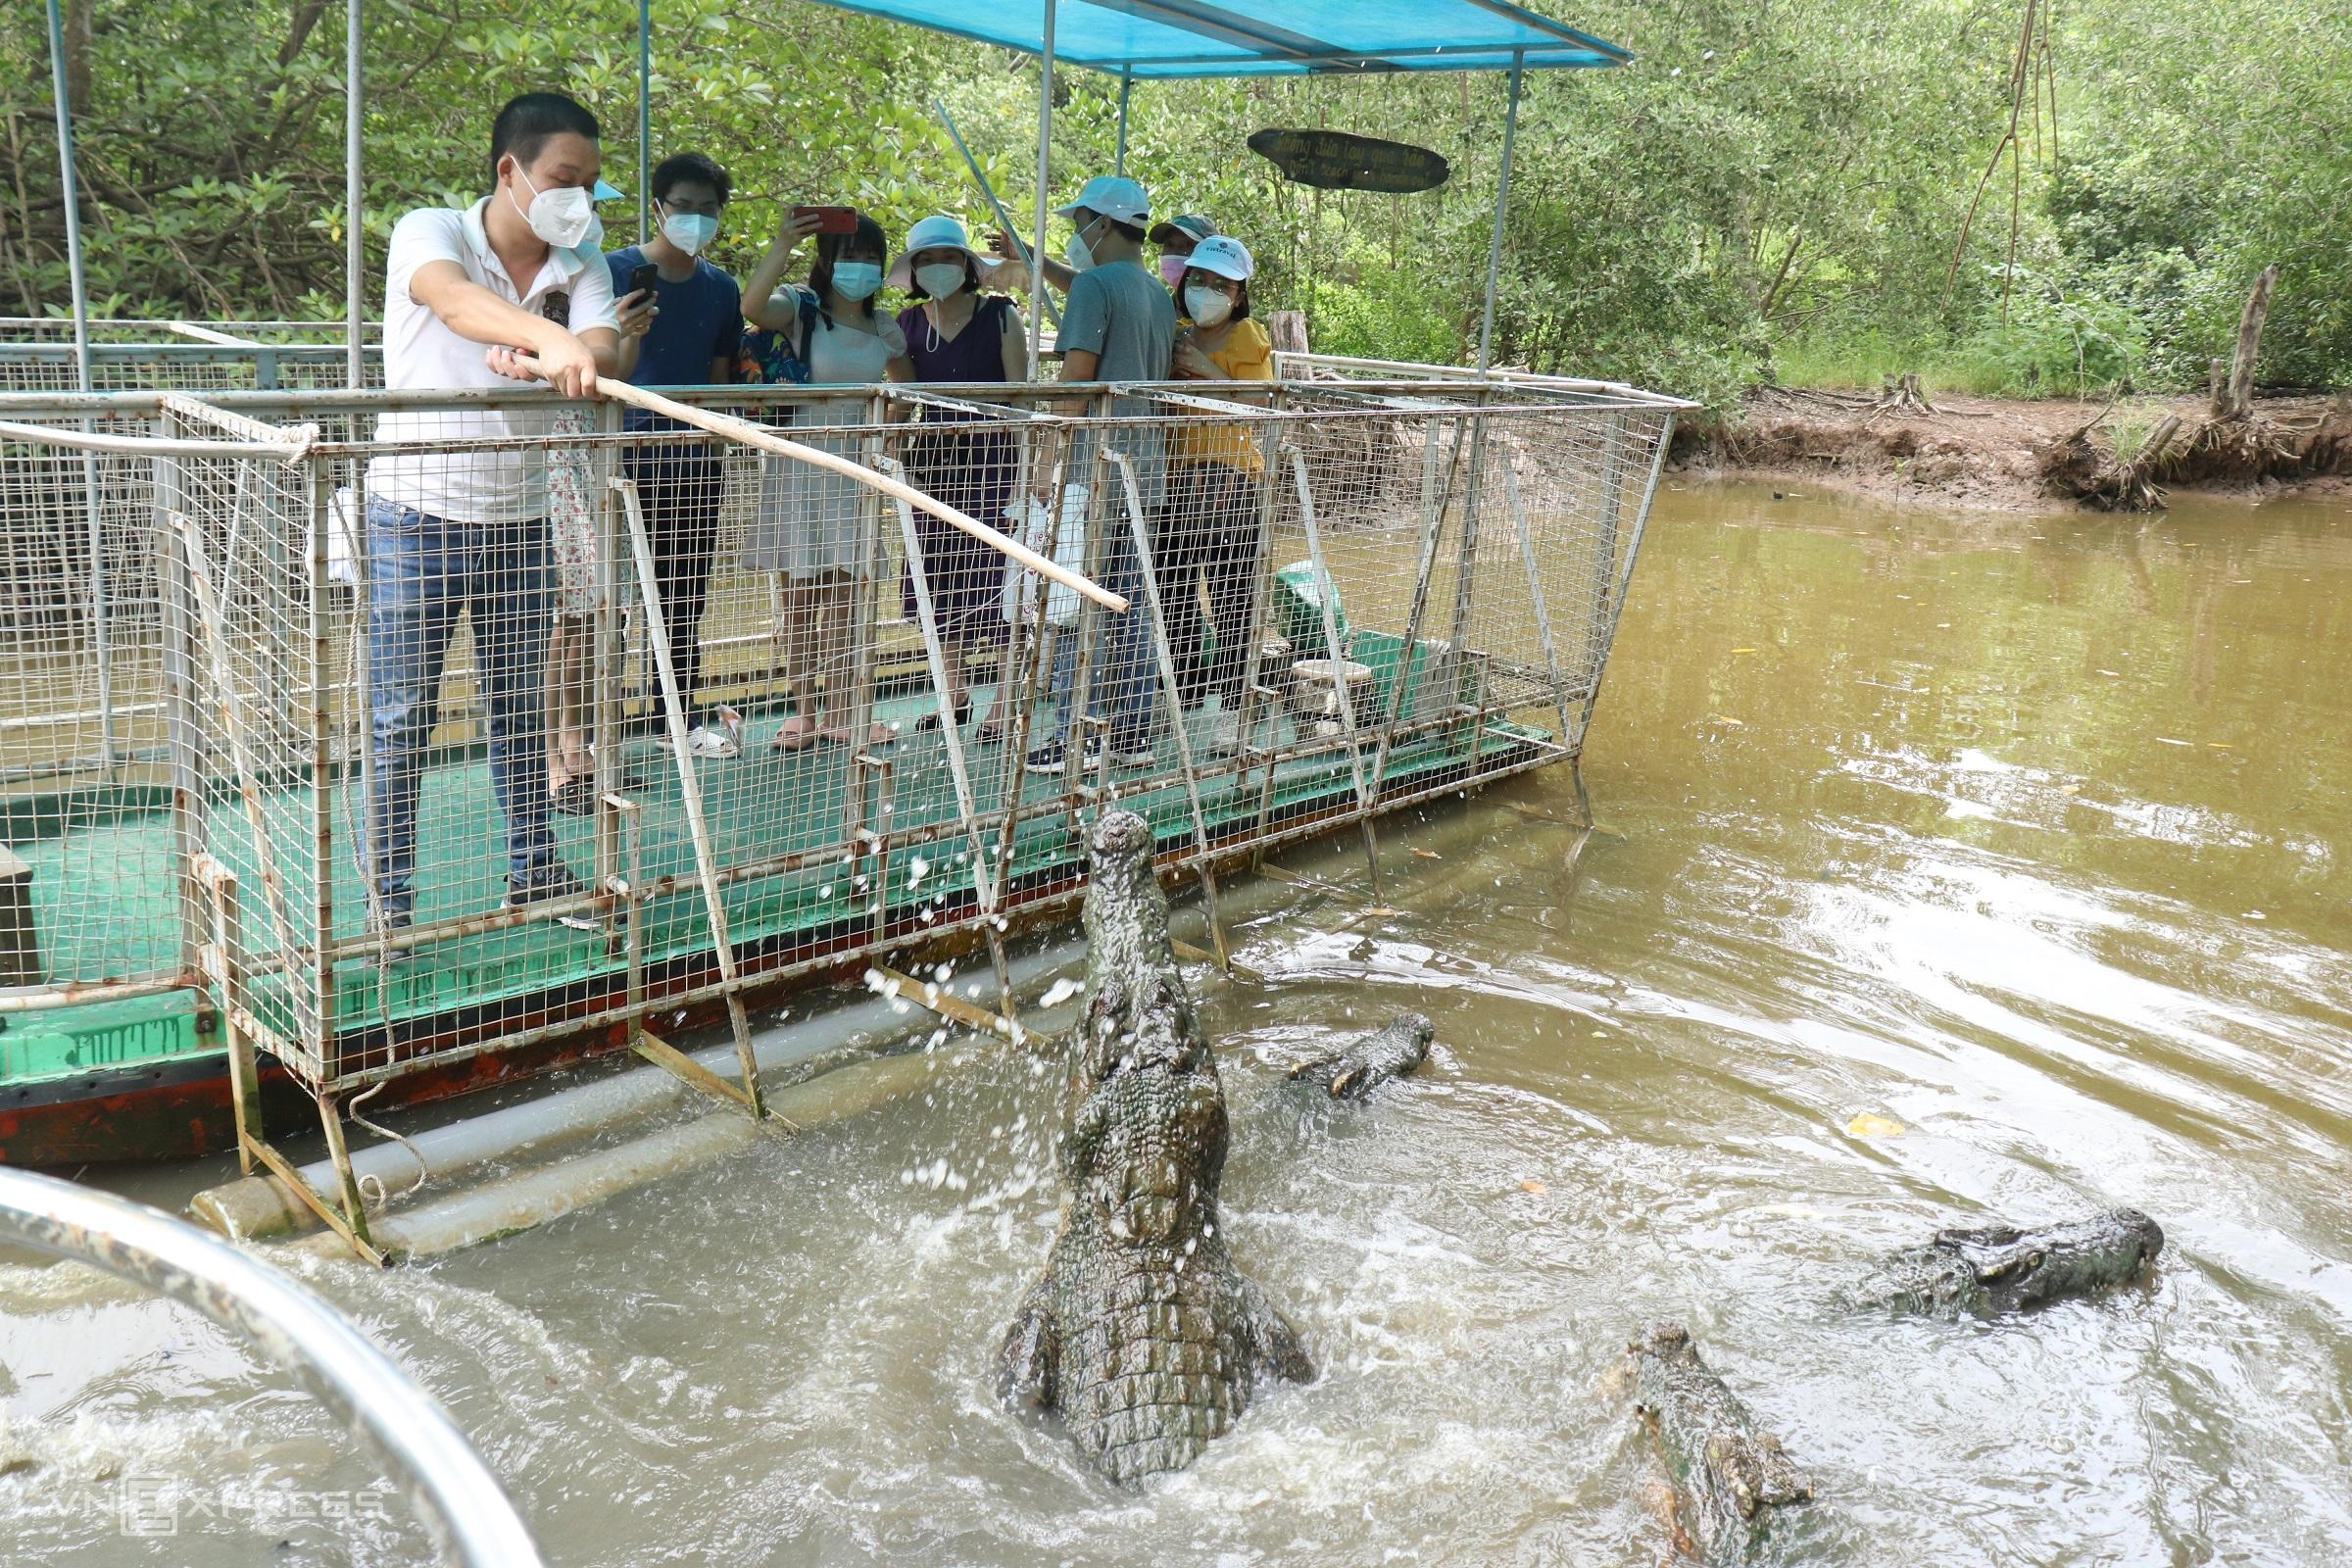 Khu bảo tồn cá sấu hoa cà có khoảng 40 con, du khách đi thuyền ra giữa đầm và trải nghiệm câu cá sấu. Ảnh: Huỳnh Nhi